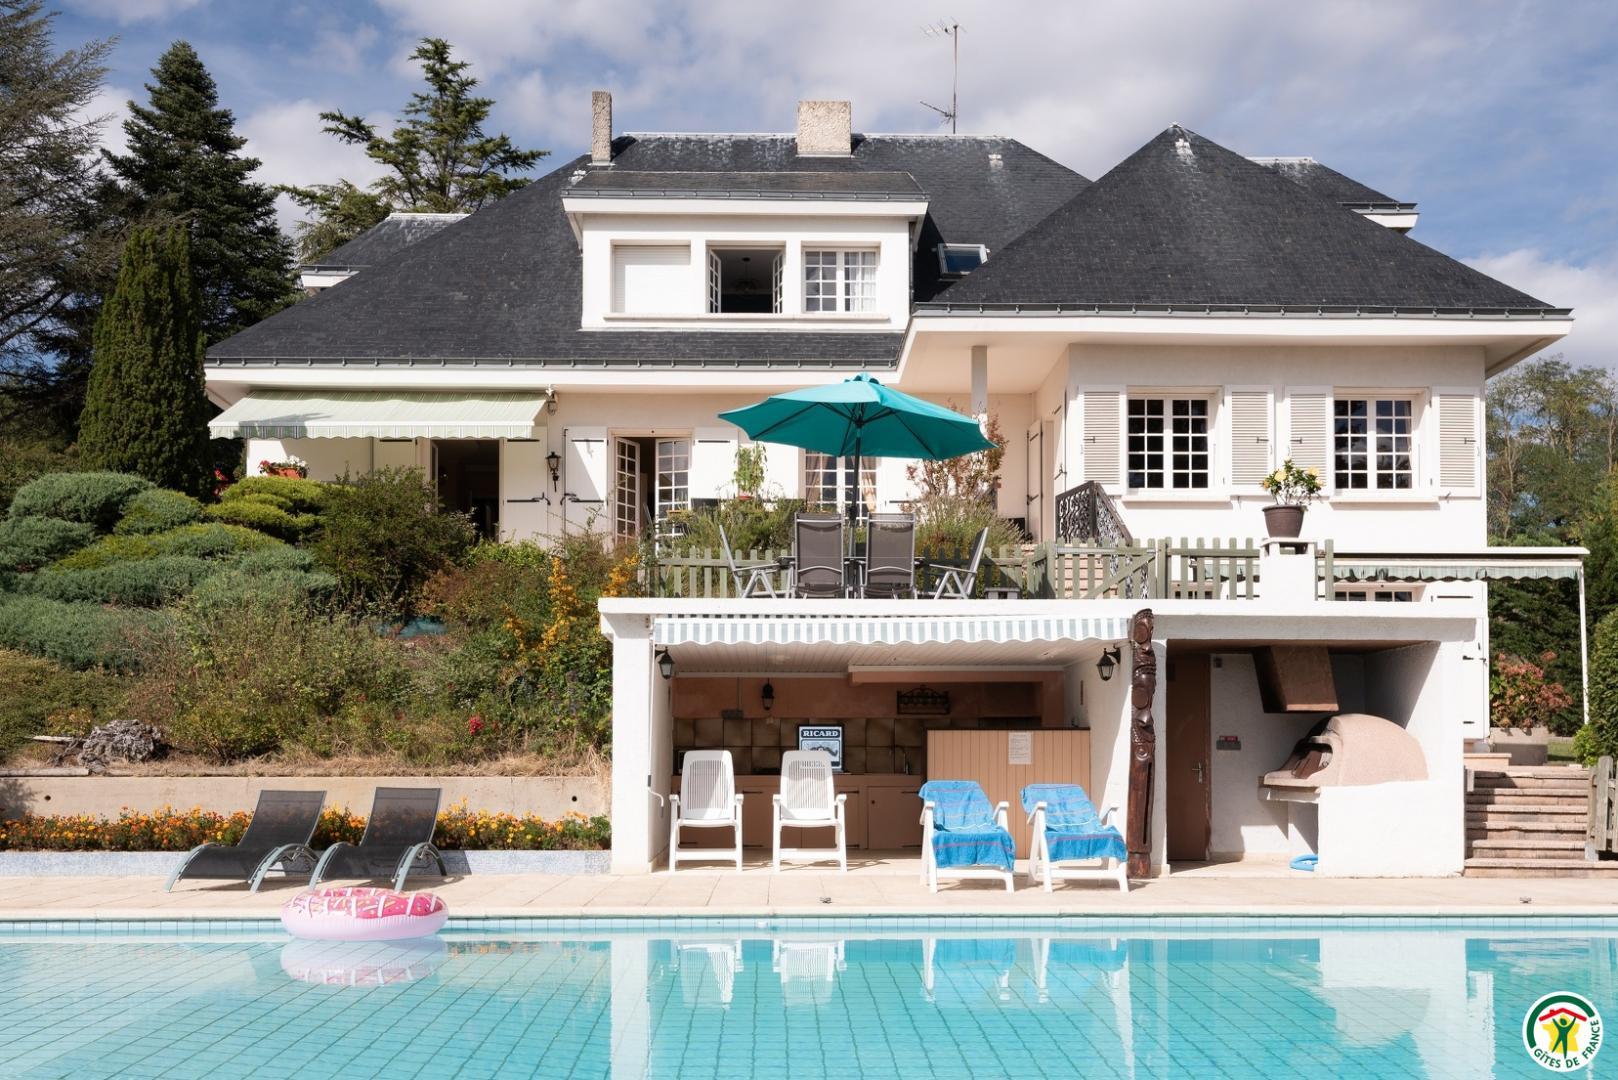 Chambre D'hôtes Belle-Vue À Chateauneuf De Galaure En Drome ... tout Piscine Chateauneuf De Galaure